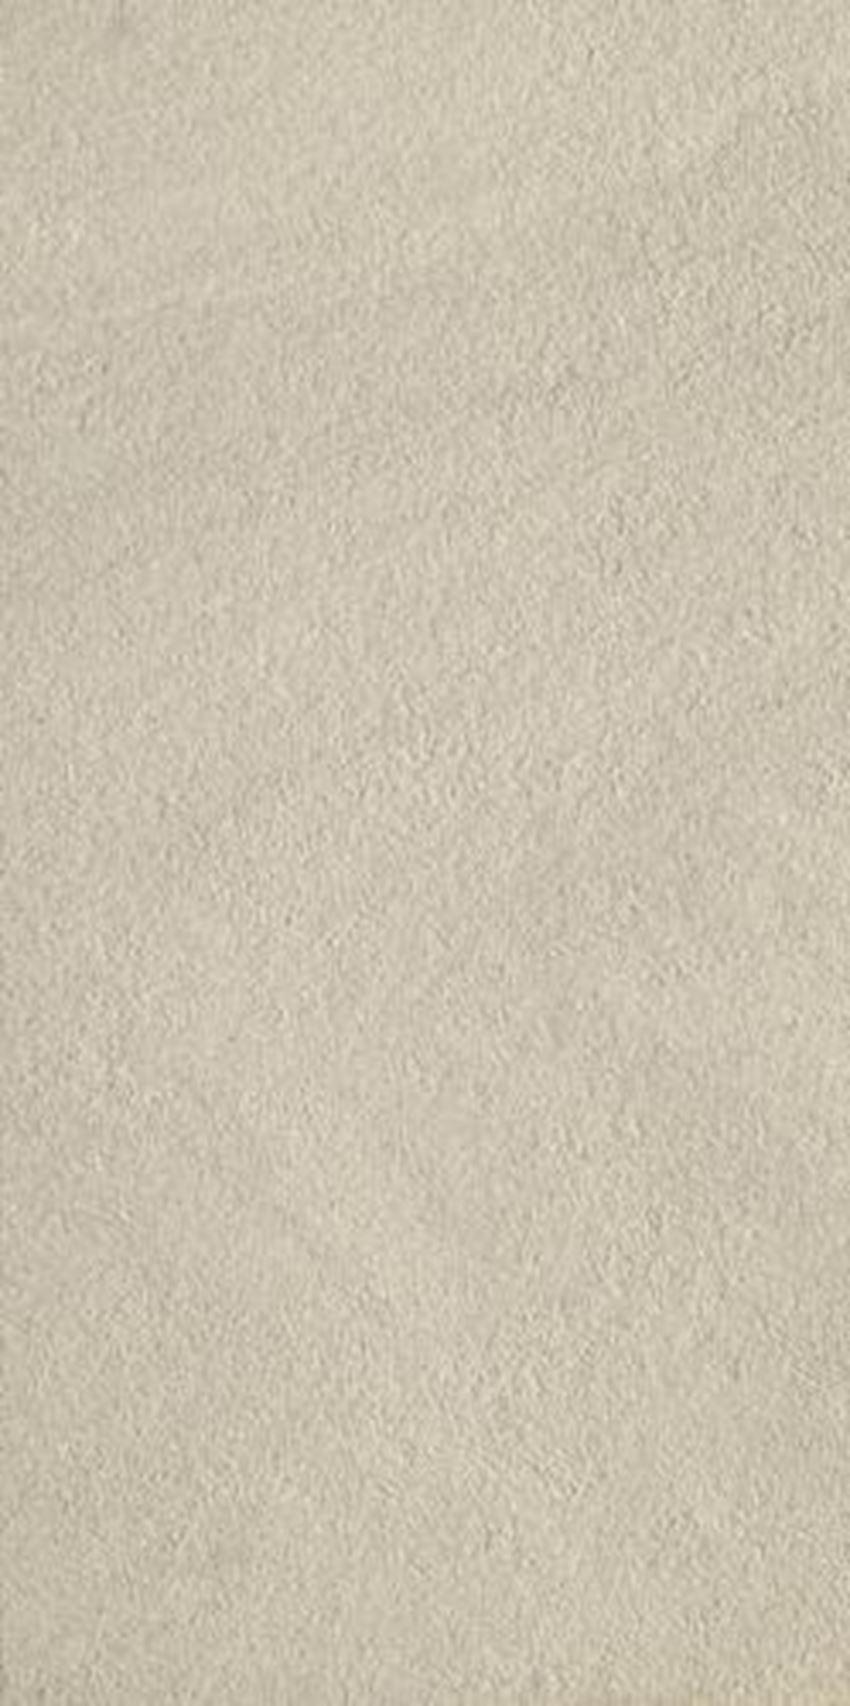 Płytka ścienno-podłogowa 29,8x59,8 cm Paradyż Rockstone Grys Gres Rekt. Struktura